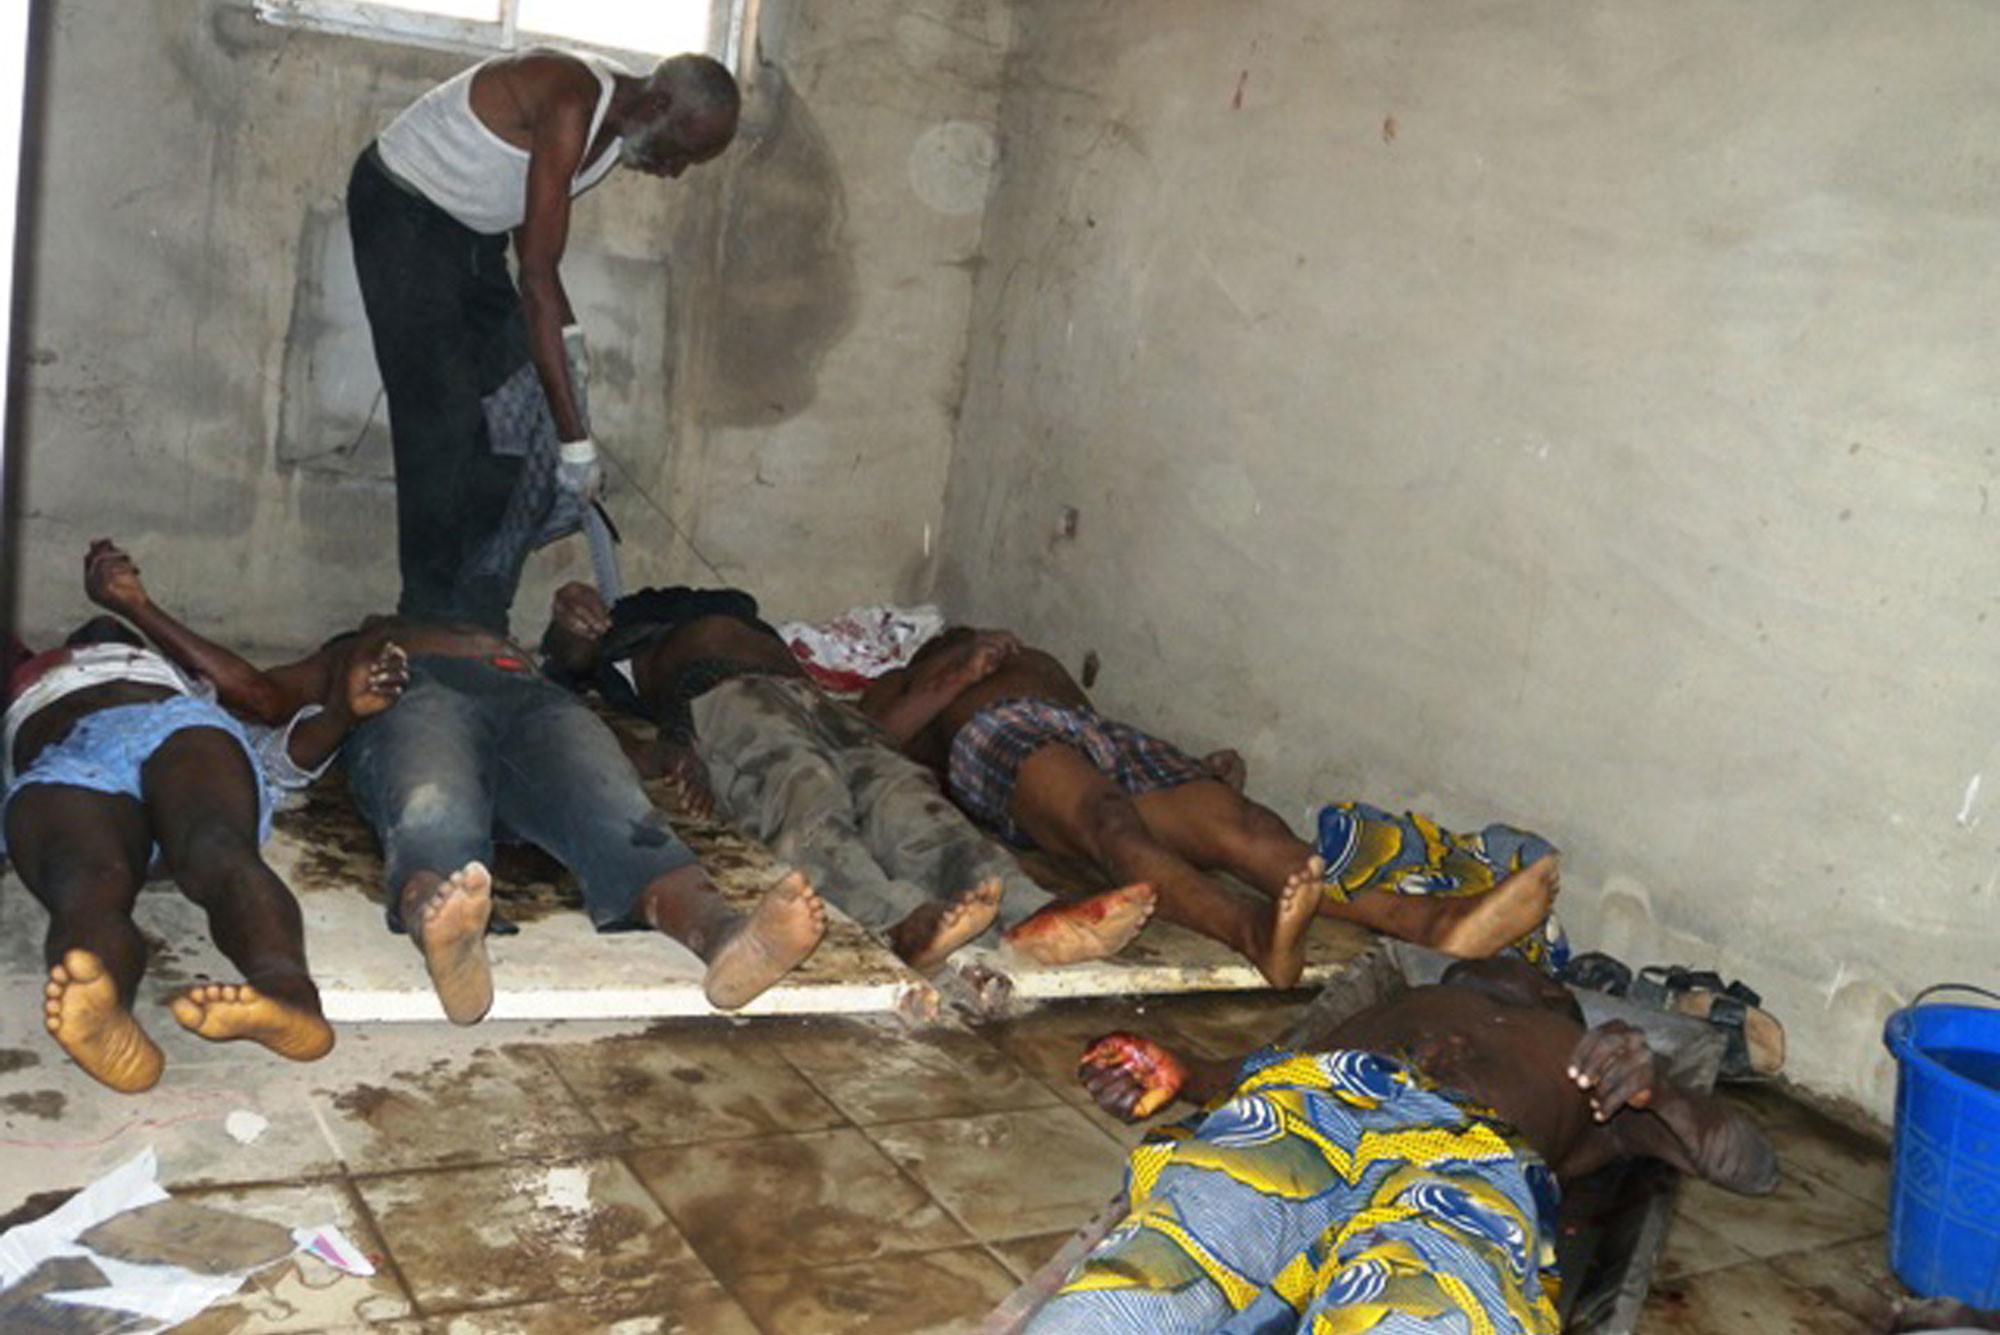 """Люди, убитые в ходе погромов, лежат на полу в больничном морге в Муби, штат Адамава на севере Нигерии, 7 января 2012 года. Нападение на ратушу, в результате которого погибло по меньшей мере 20 человек, является одним из серии смертоносных нападений, на которые претендует радикальная мусульманская секта """"Боко харам"""", обещавшая убить христиан, живущих в основном на мусульманском севере Нигерии. Фото: © AP Photo"""